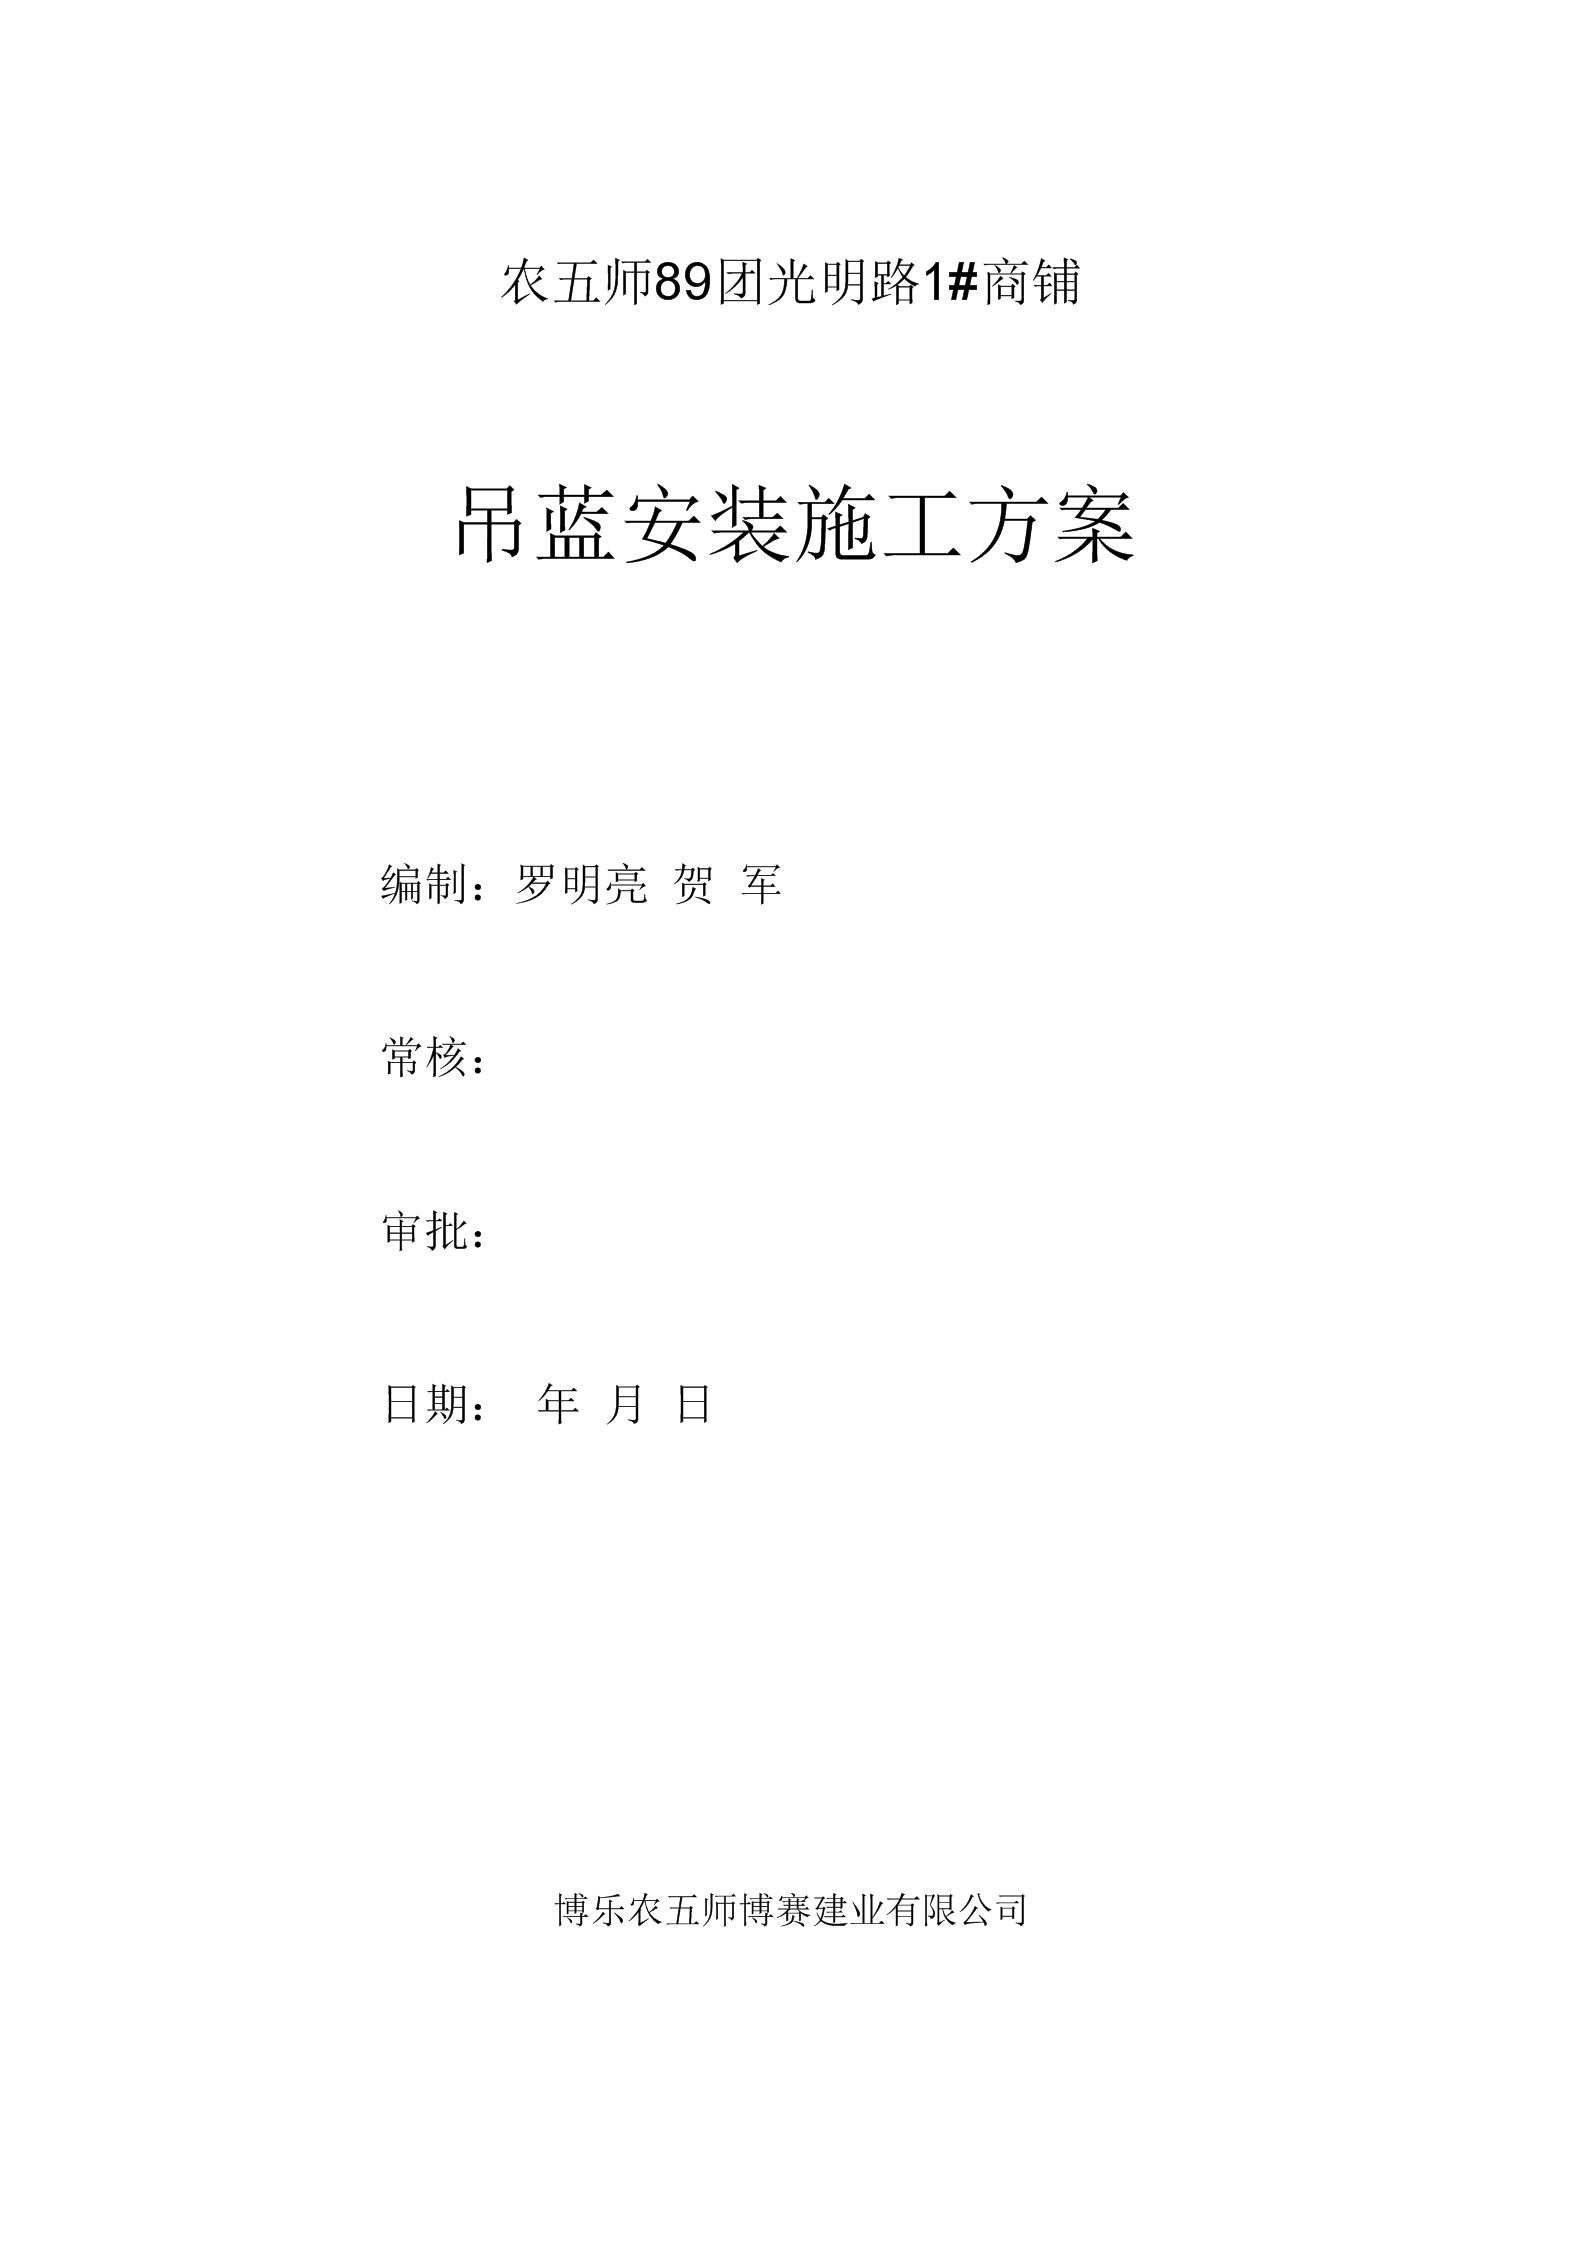 吊篮安装施工方案(改).docx